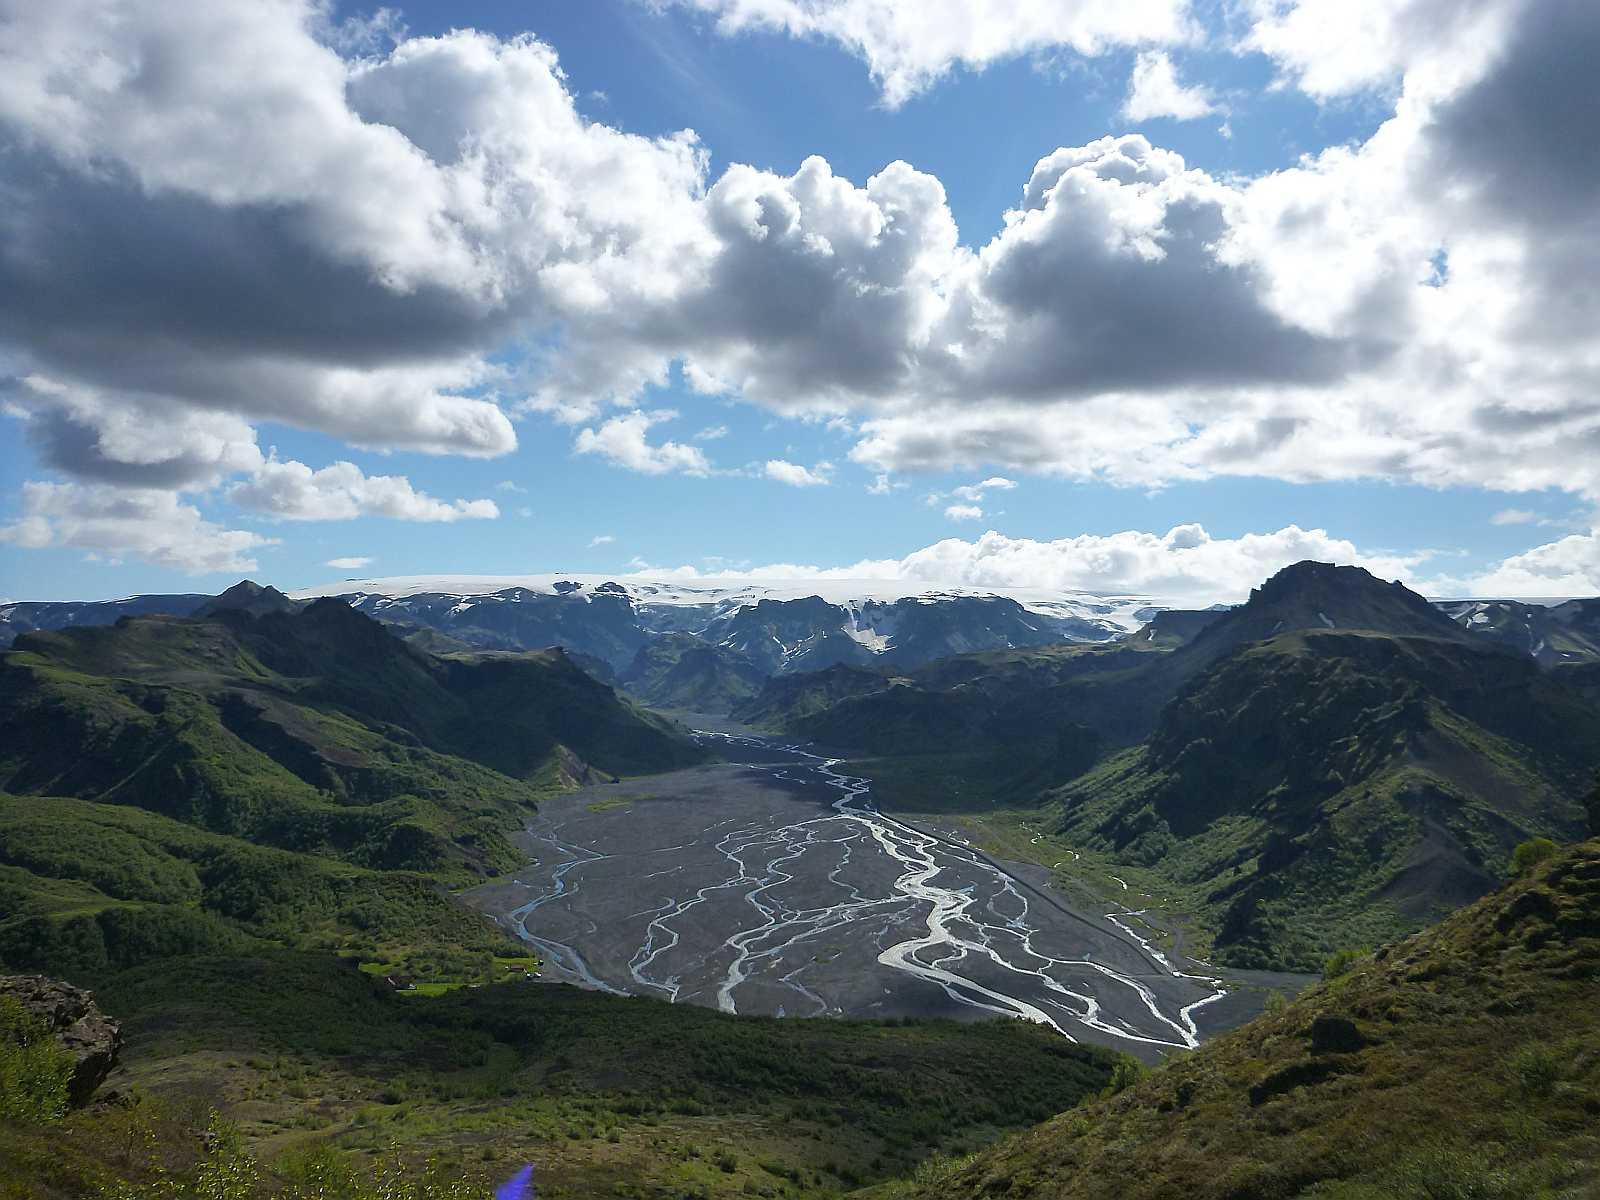 Looking over Þórsmörk and Eyjafjallajökull glacier